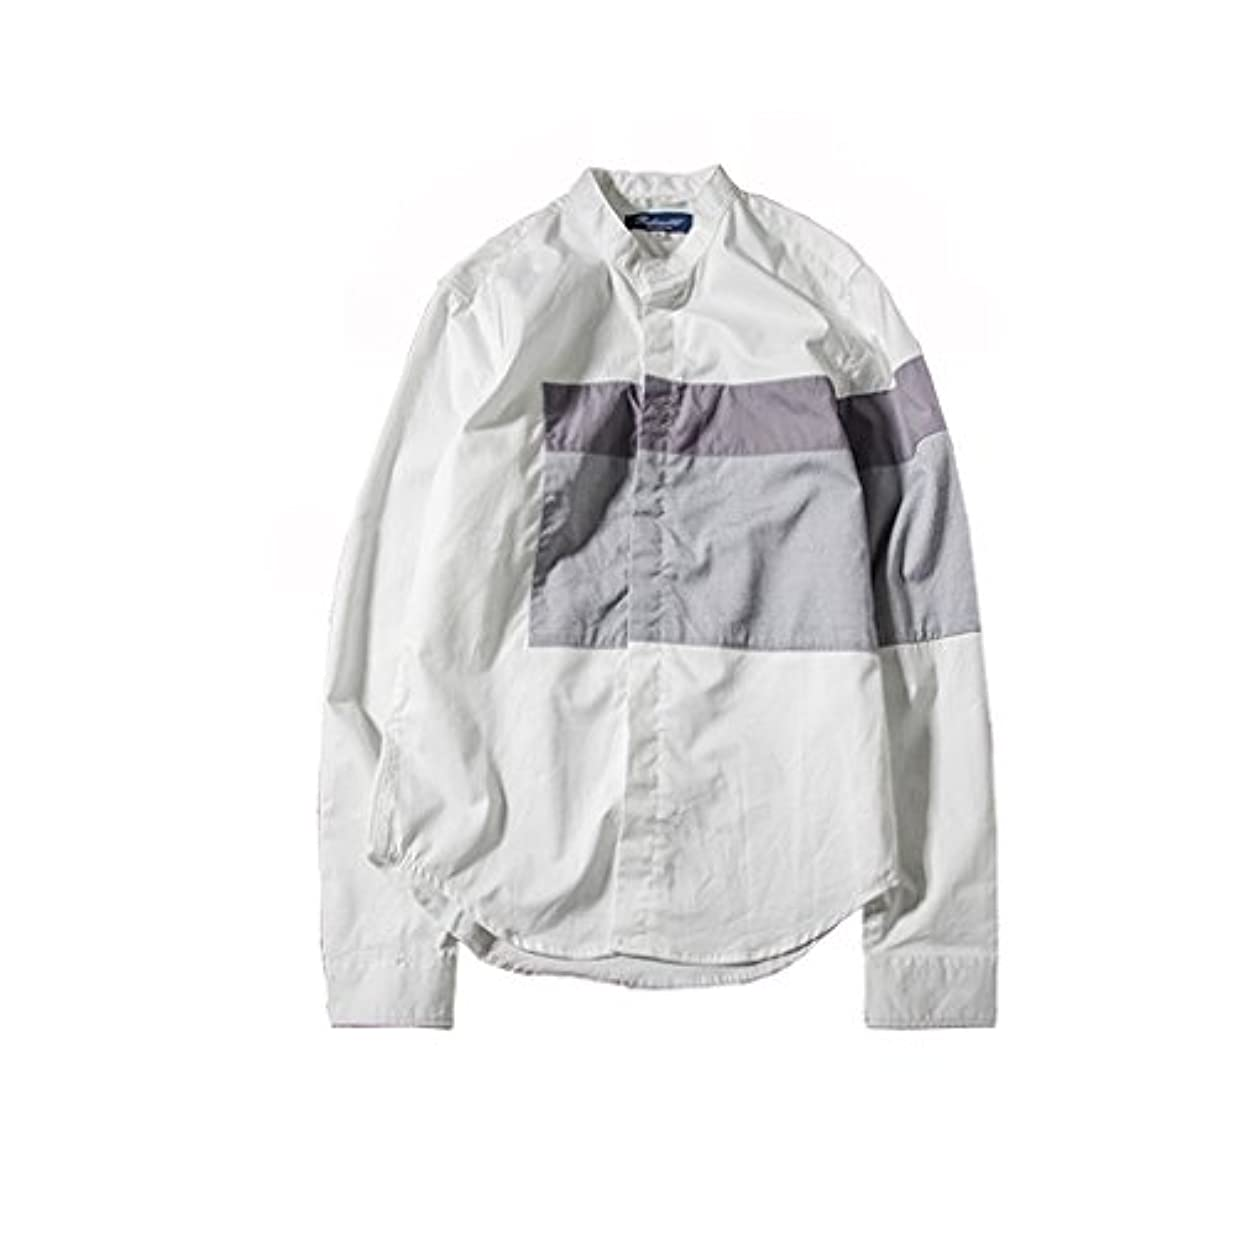 彼女のギャング赤ちゃんSpinas(スピナス) スタイリッシュ メンズ 長袖 バイカラー 配色 クロス切替 シャツ ラグスタイル ホワイト